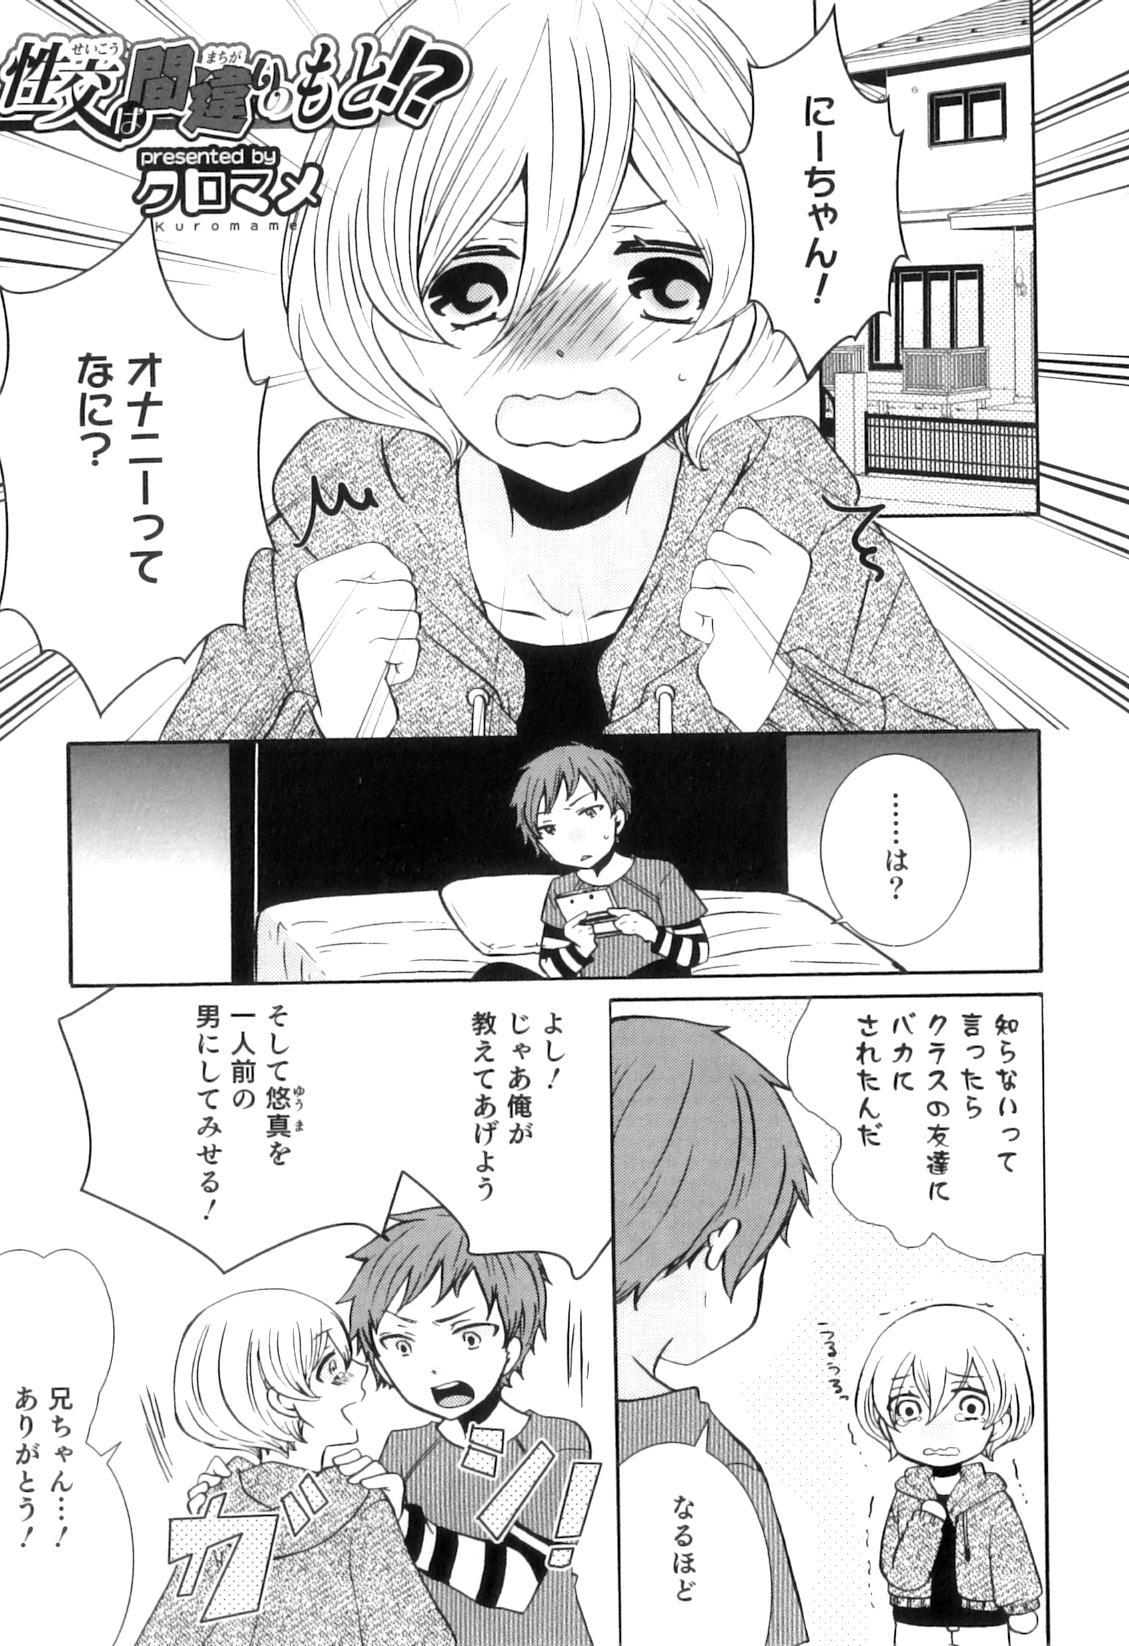 Otokonoko Heaven Vol. 09 135